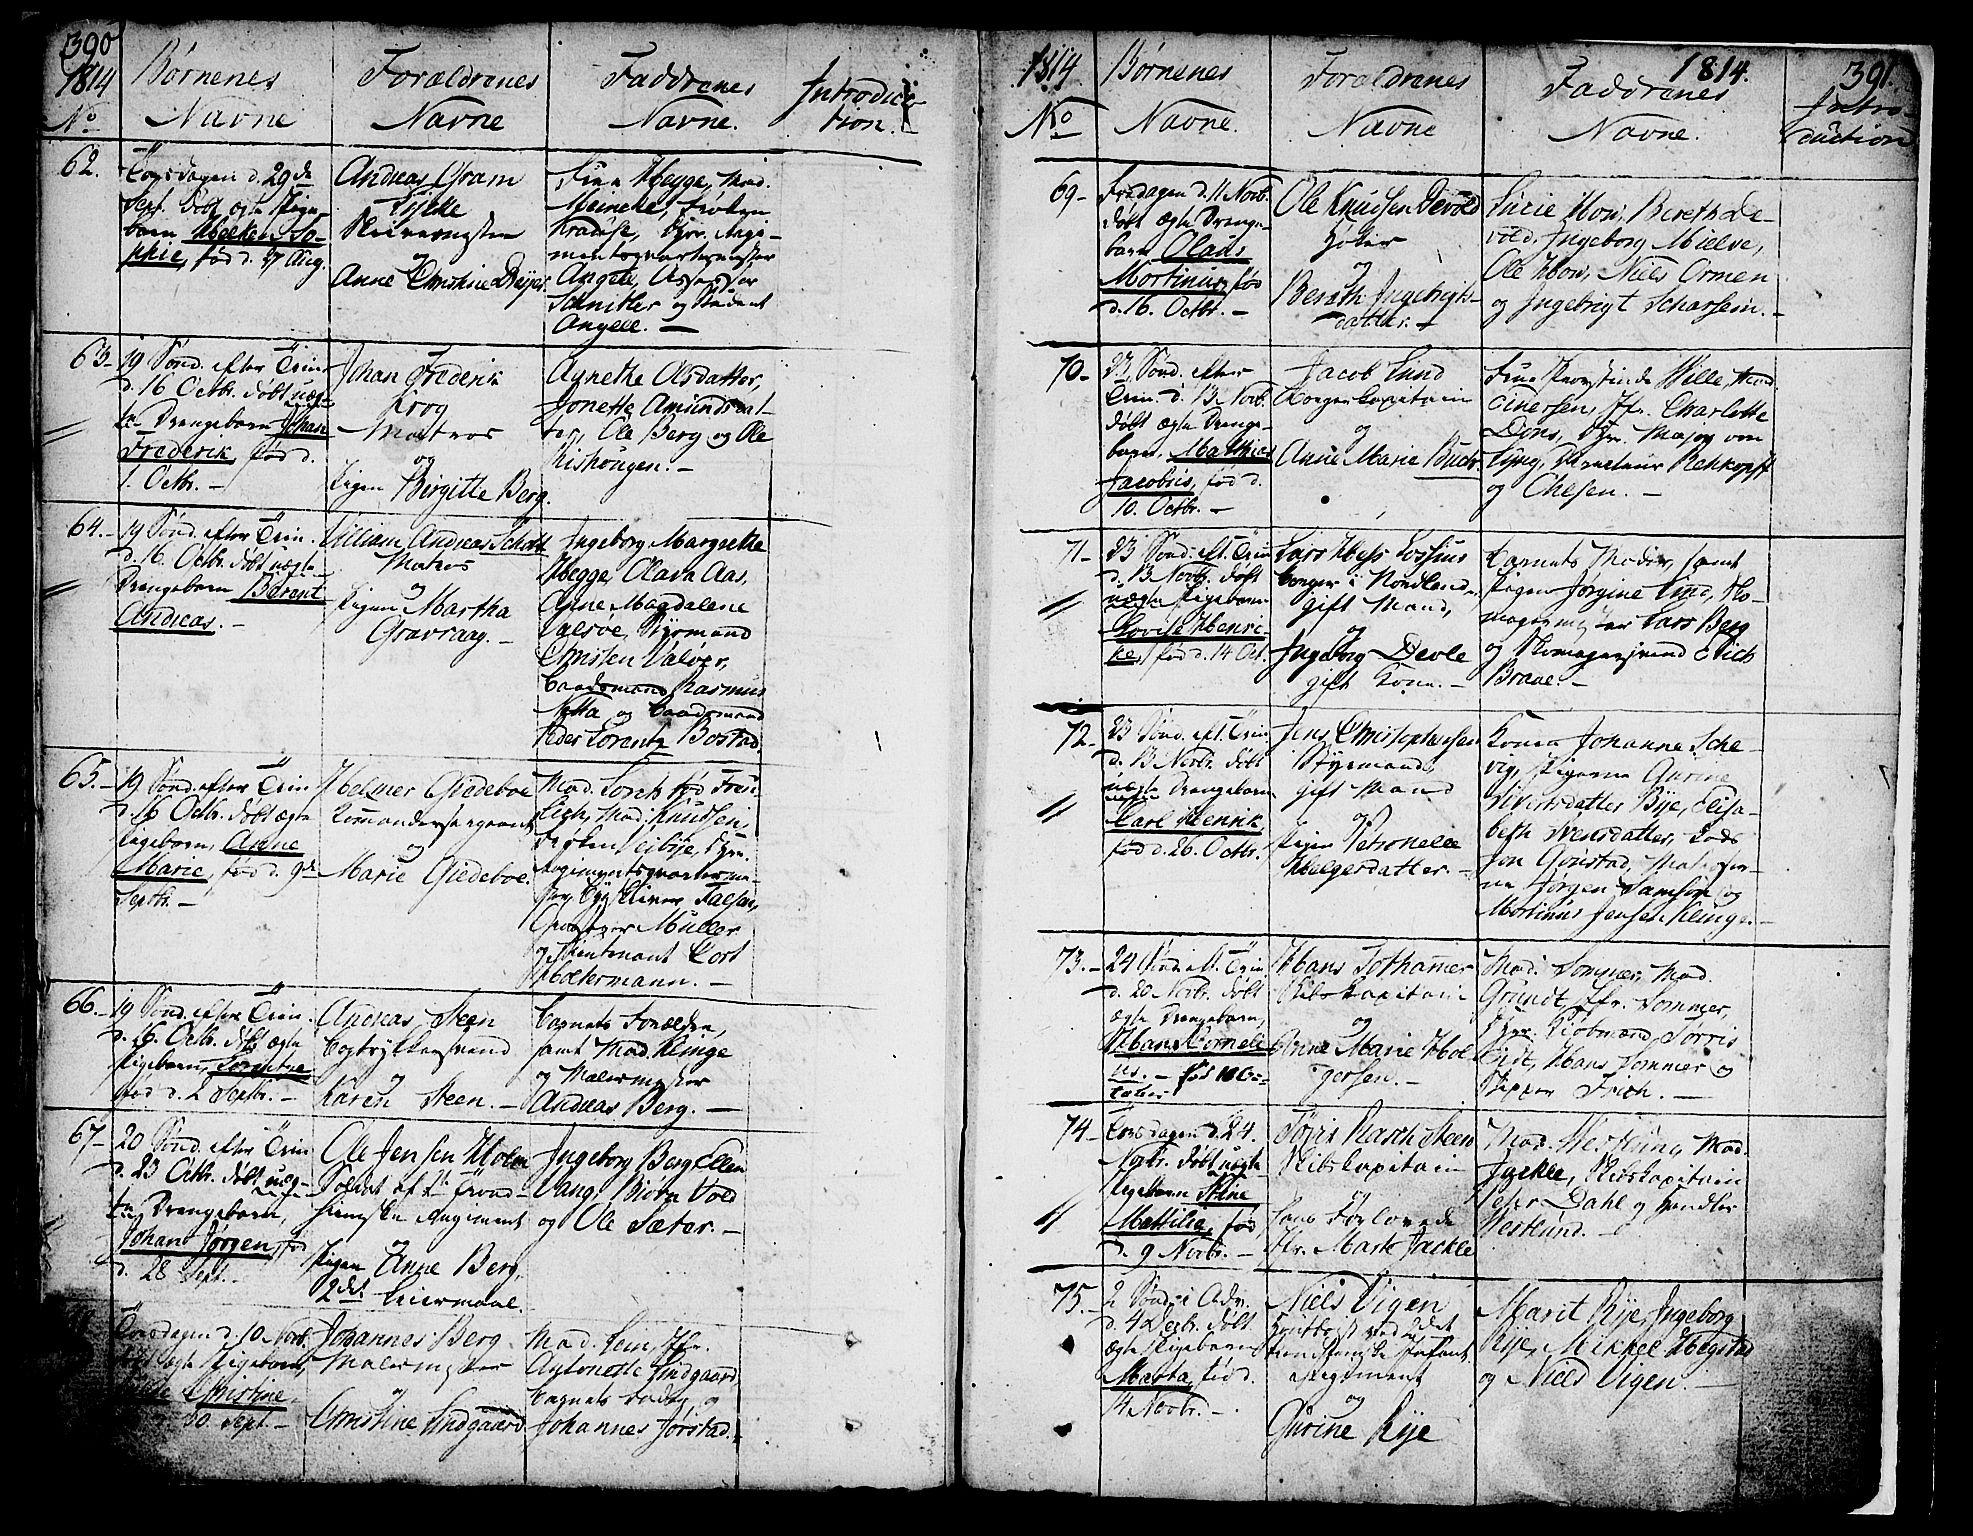 SAT, Ministerialprotokoller, klokkerbøker og fødselsregistre - Sør-Trøndelag, 602/L0104: Ministerialbok nr. 602A02, 1774-1814, s. 390-391